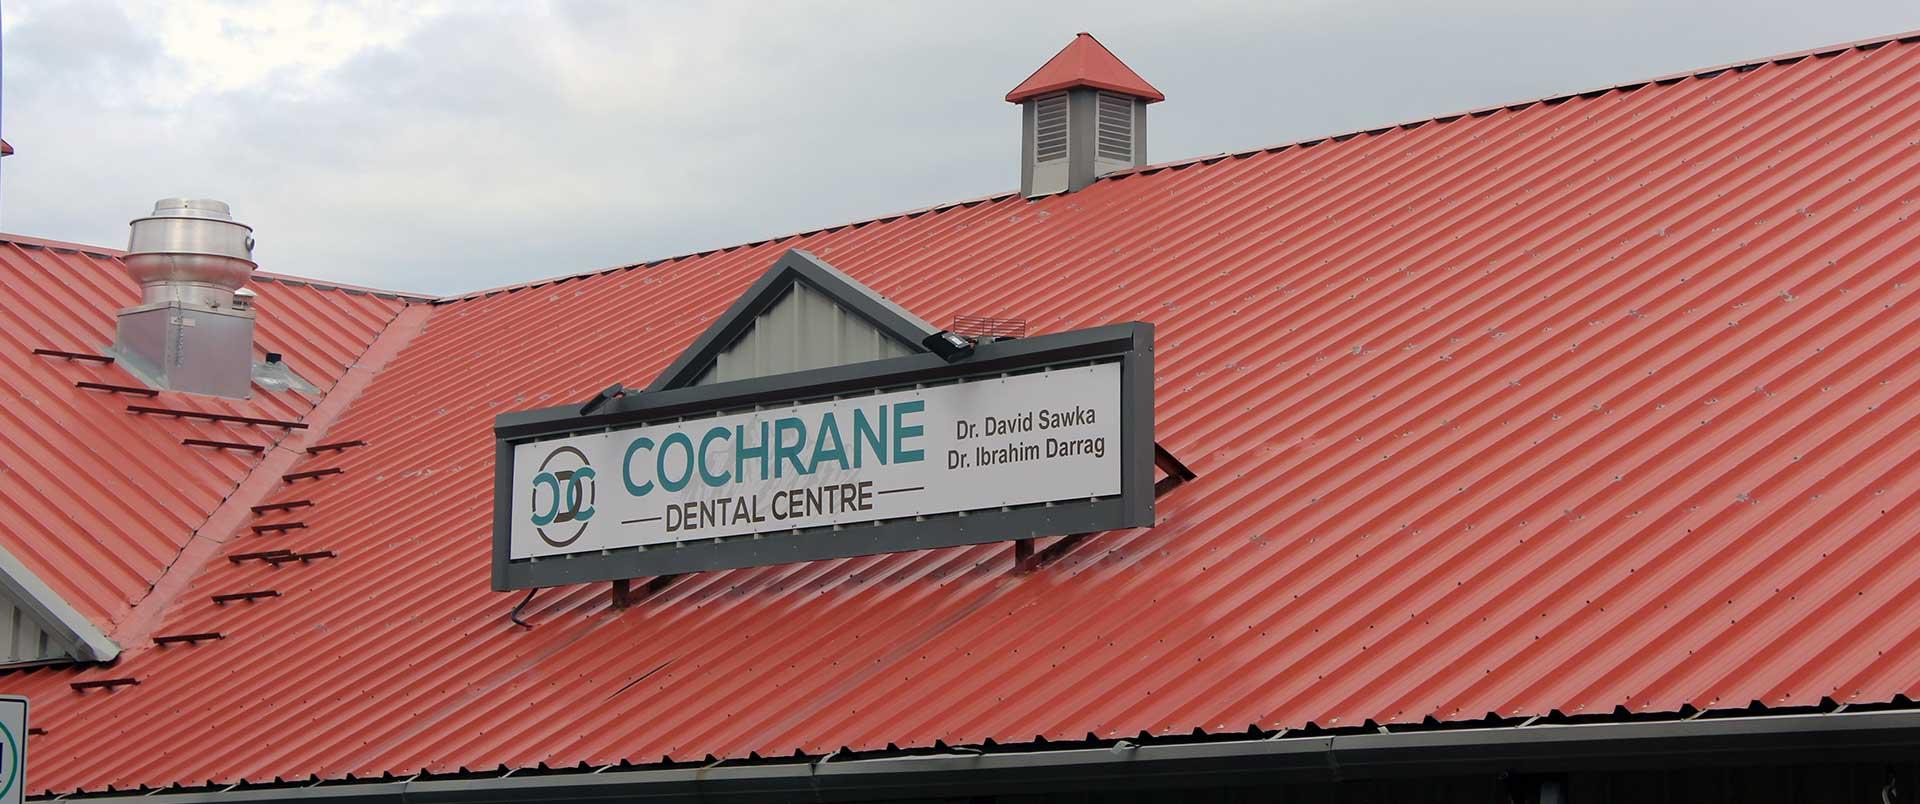 Exterior Signage Cochrane Dental Centre